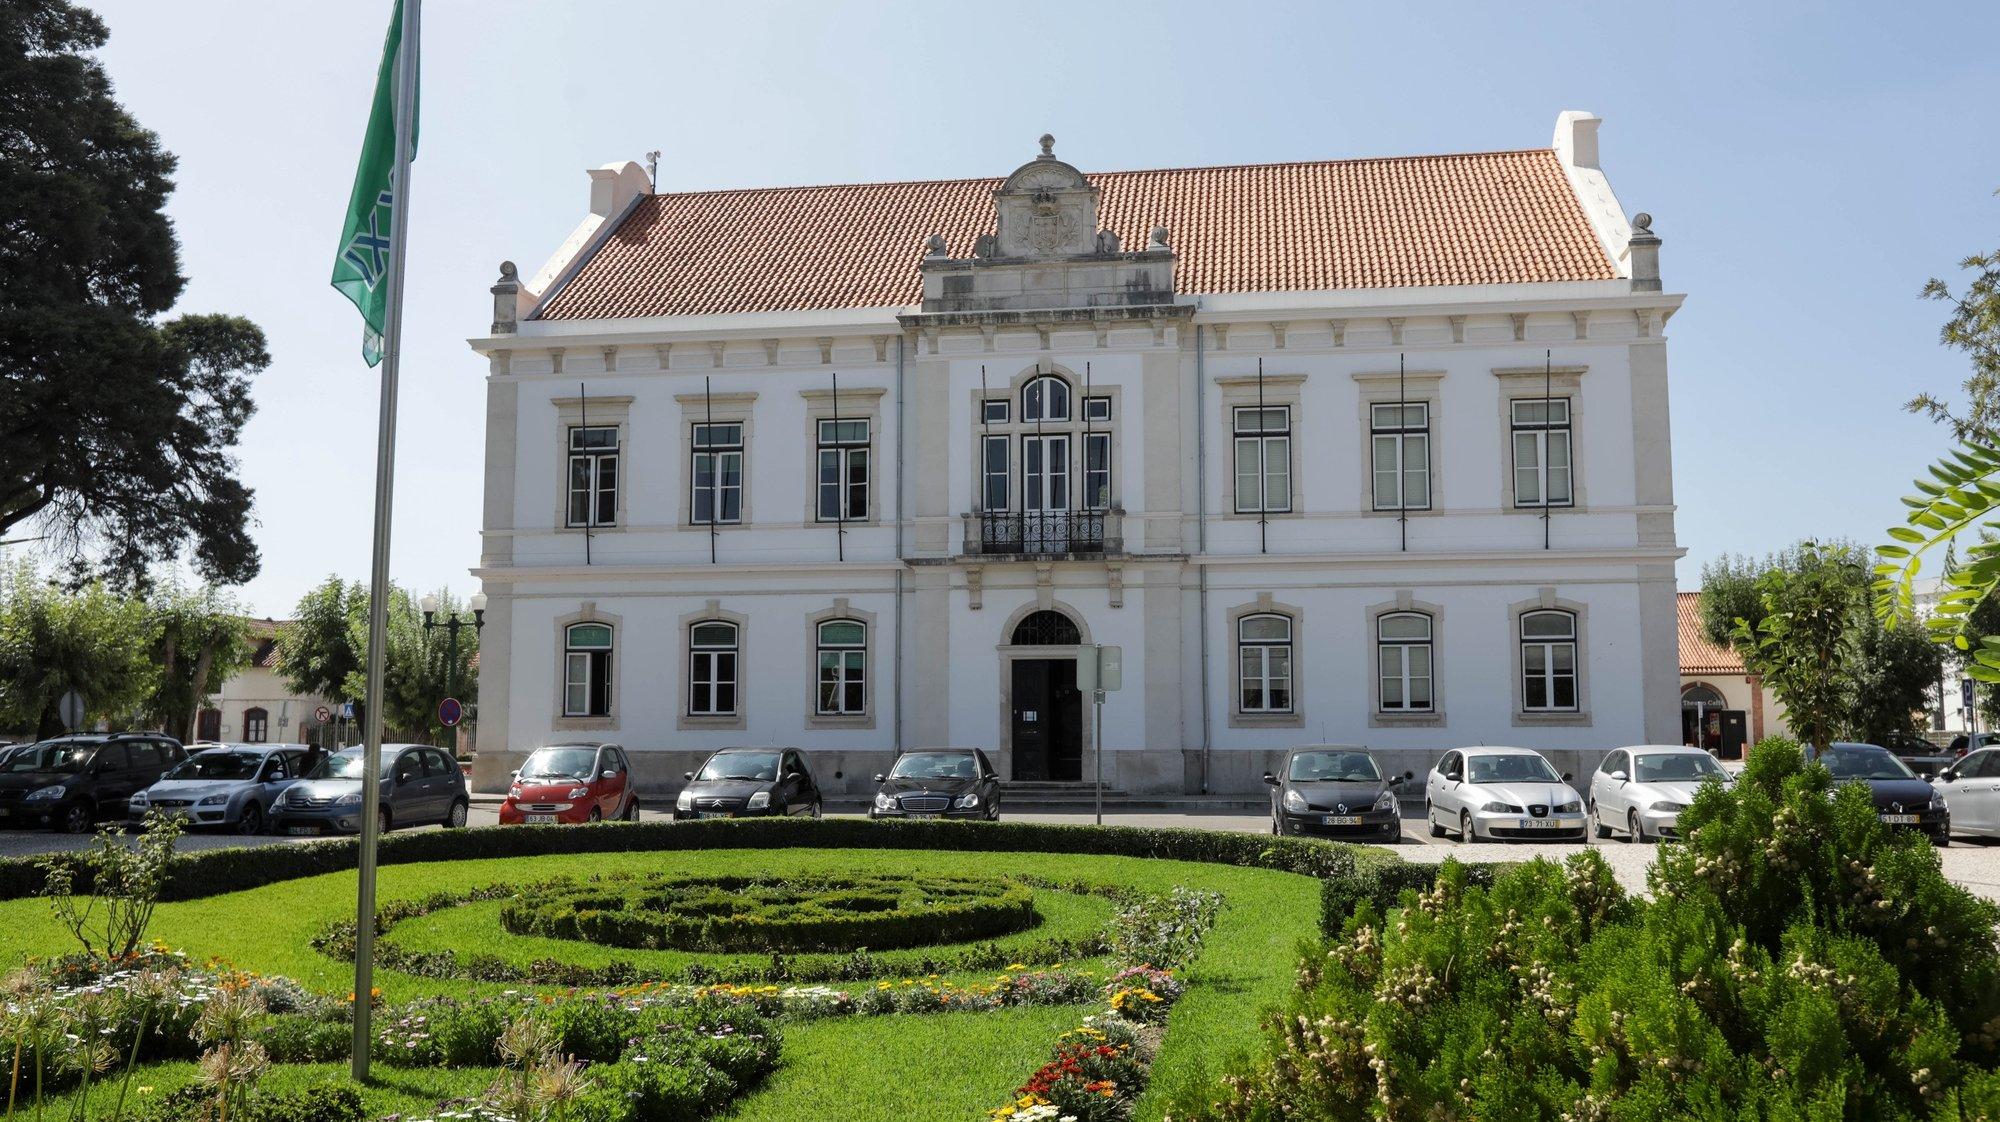 Edifício da Câmara Municipal de Mealhada, 31 de agosto de 2017. PAULO NOVAIS/LUSA